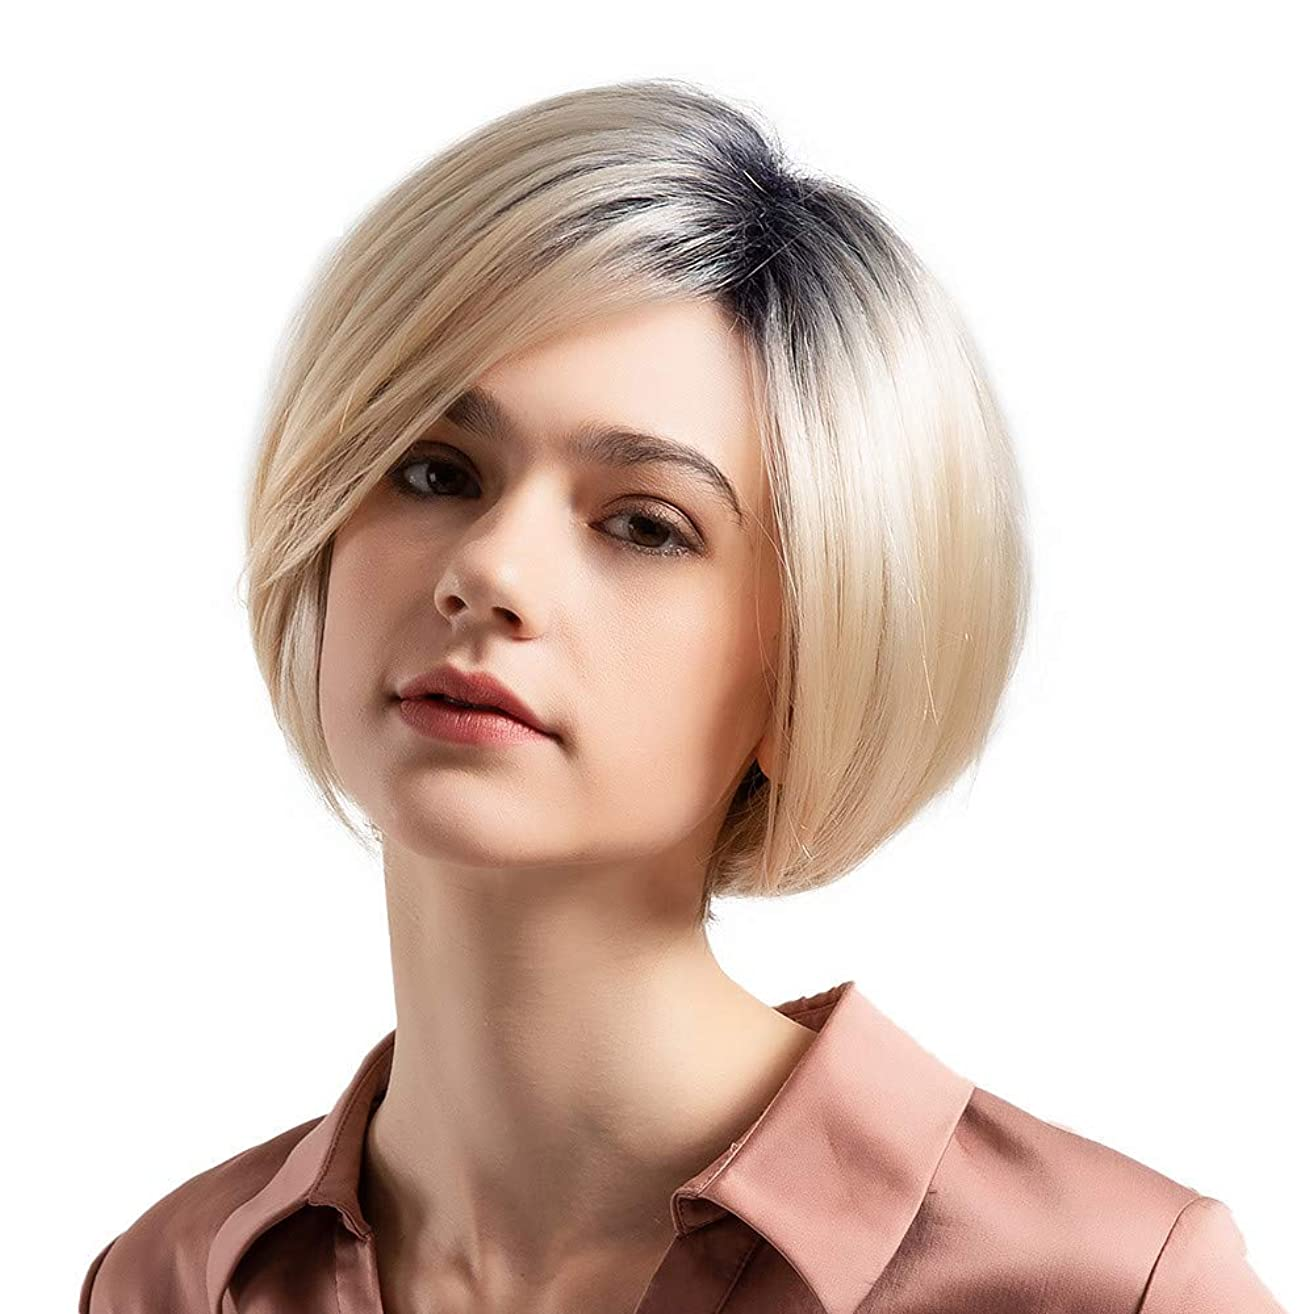 アルファベット霜記念碑的なウィッグショートボブストレートヘア50%リアルヘアウィッグ女性のファッショングラデーションウィッグ